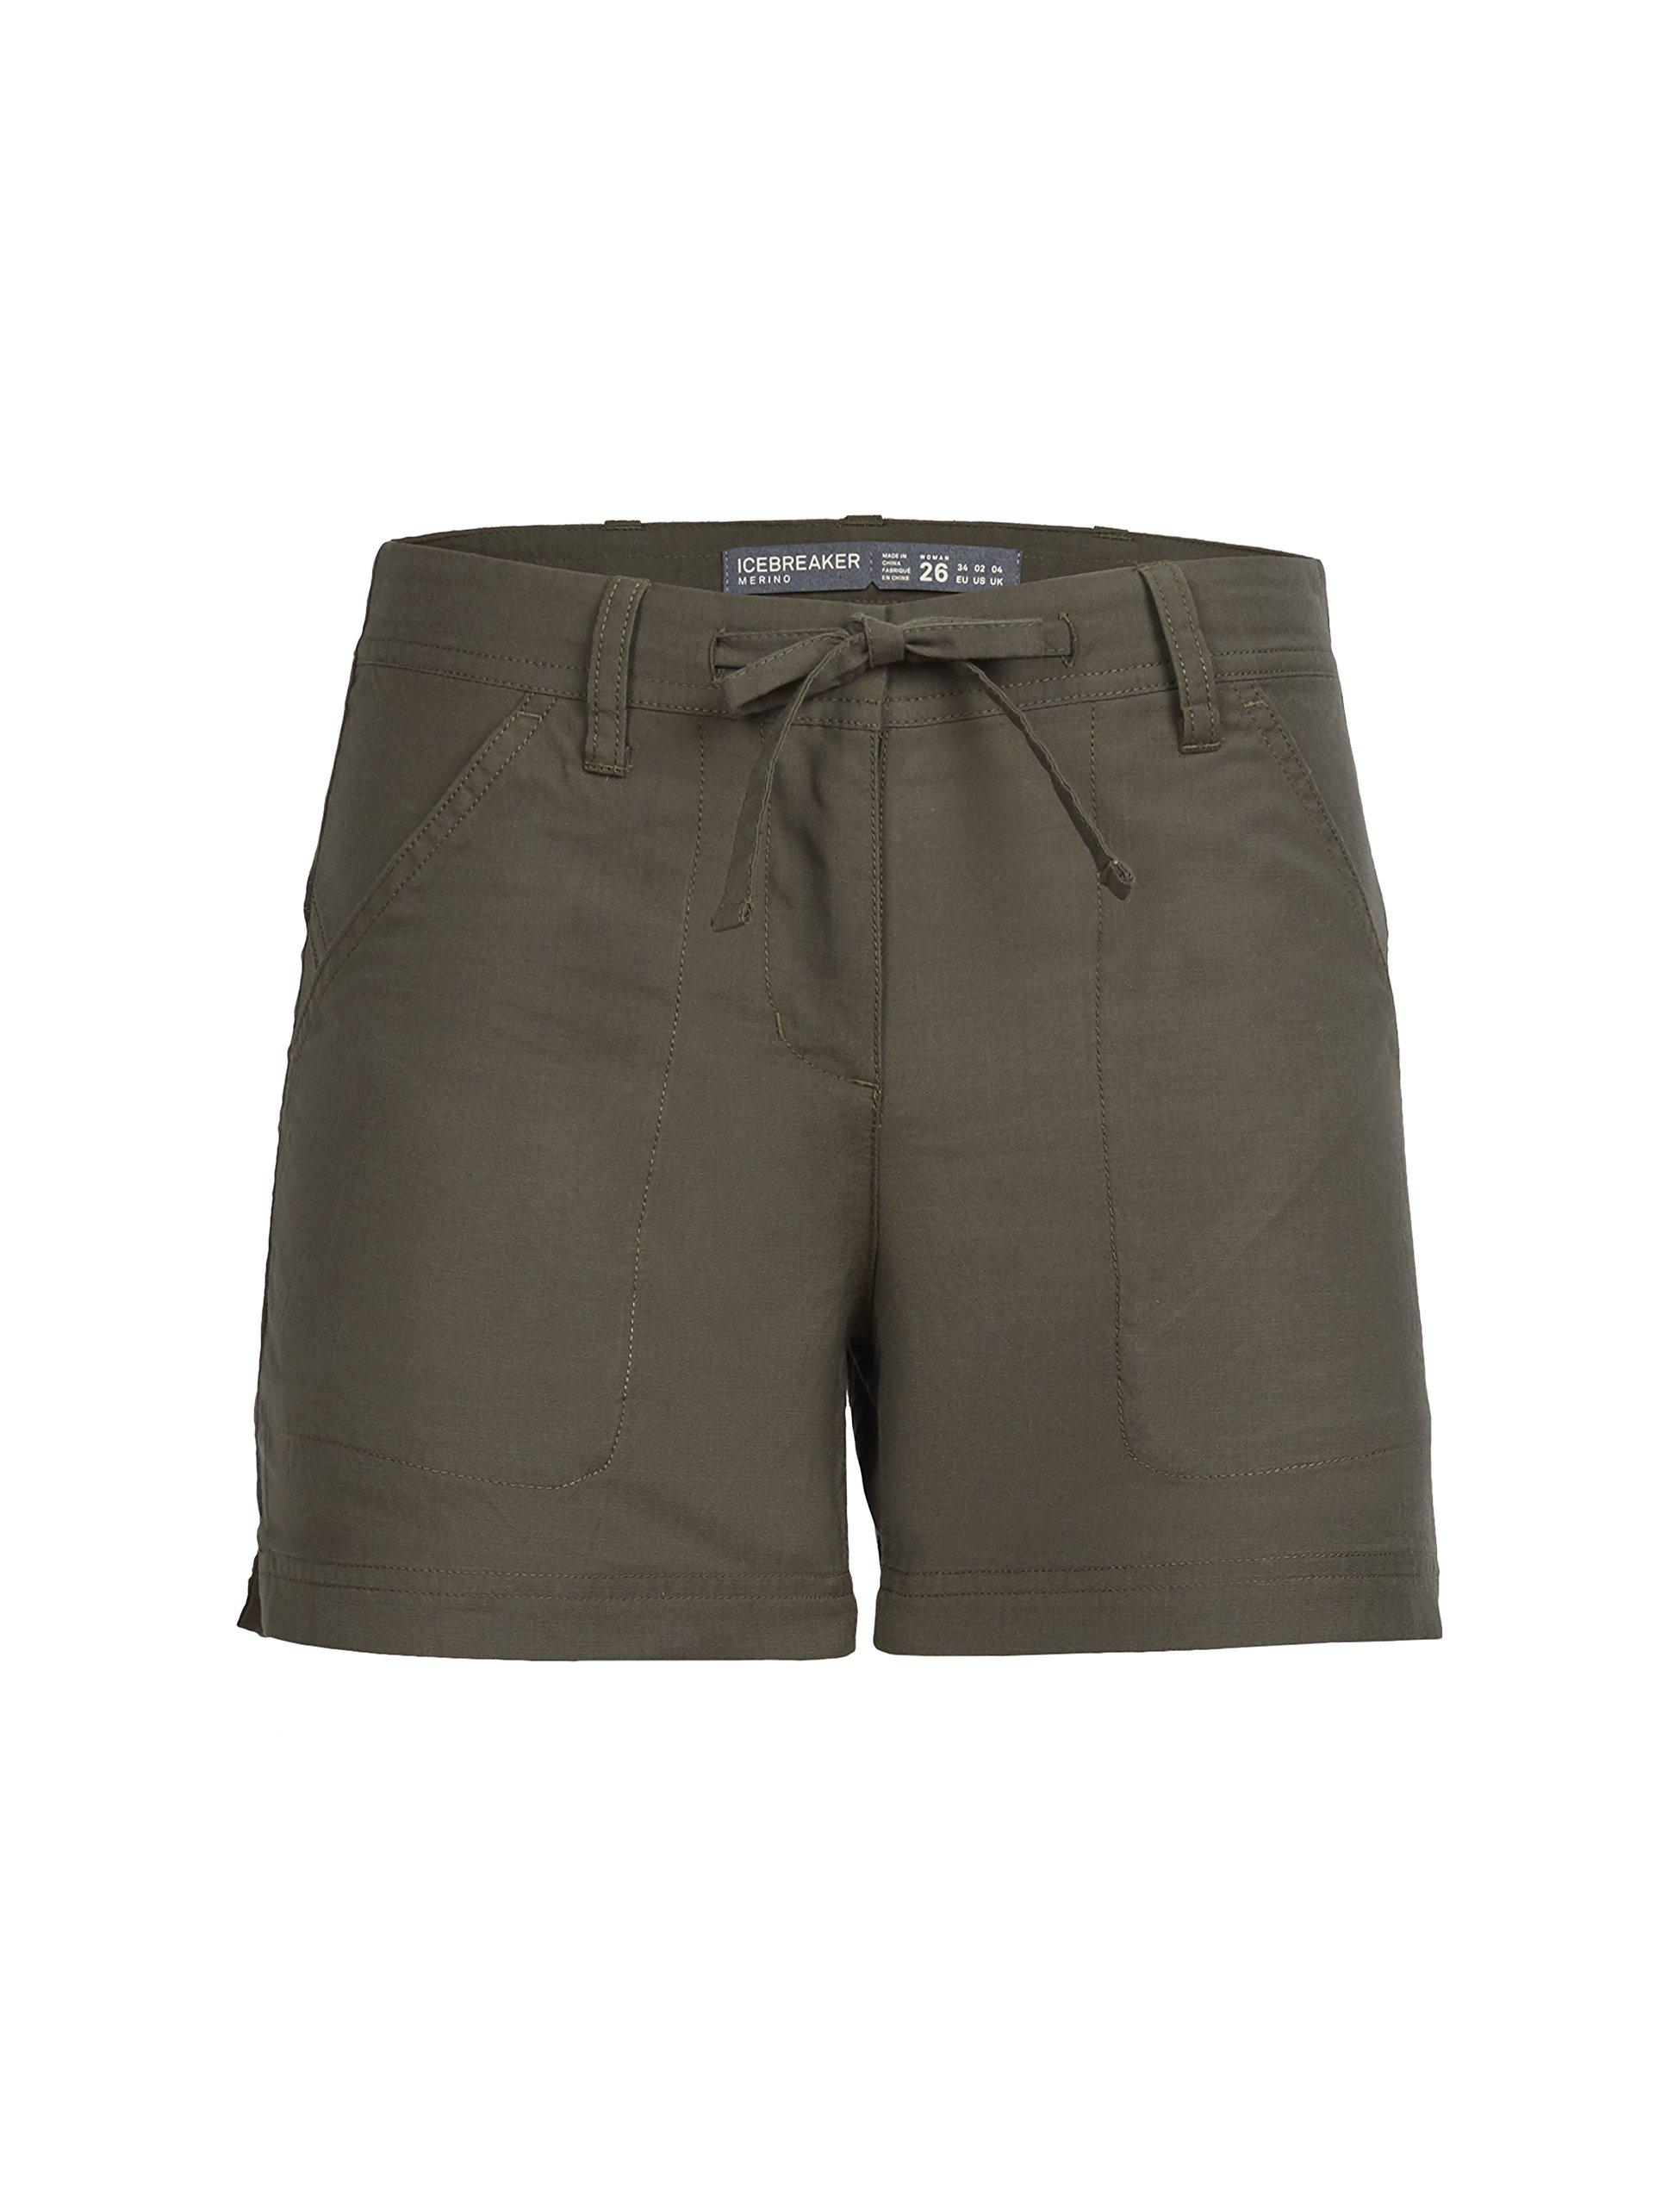 Icebreaker Merino Women's Shasta Shorts, Kona, Size 31